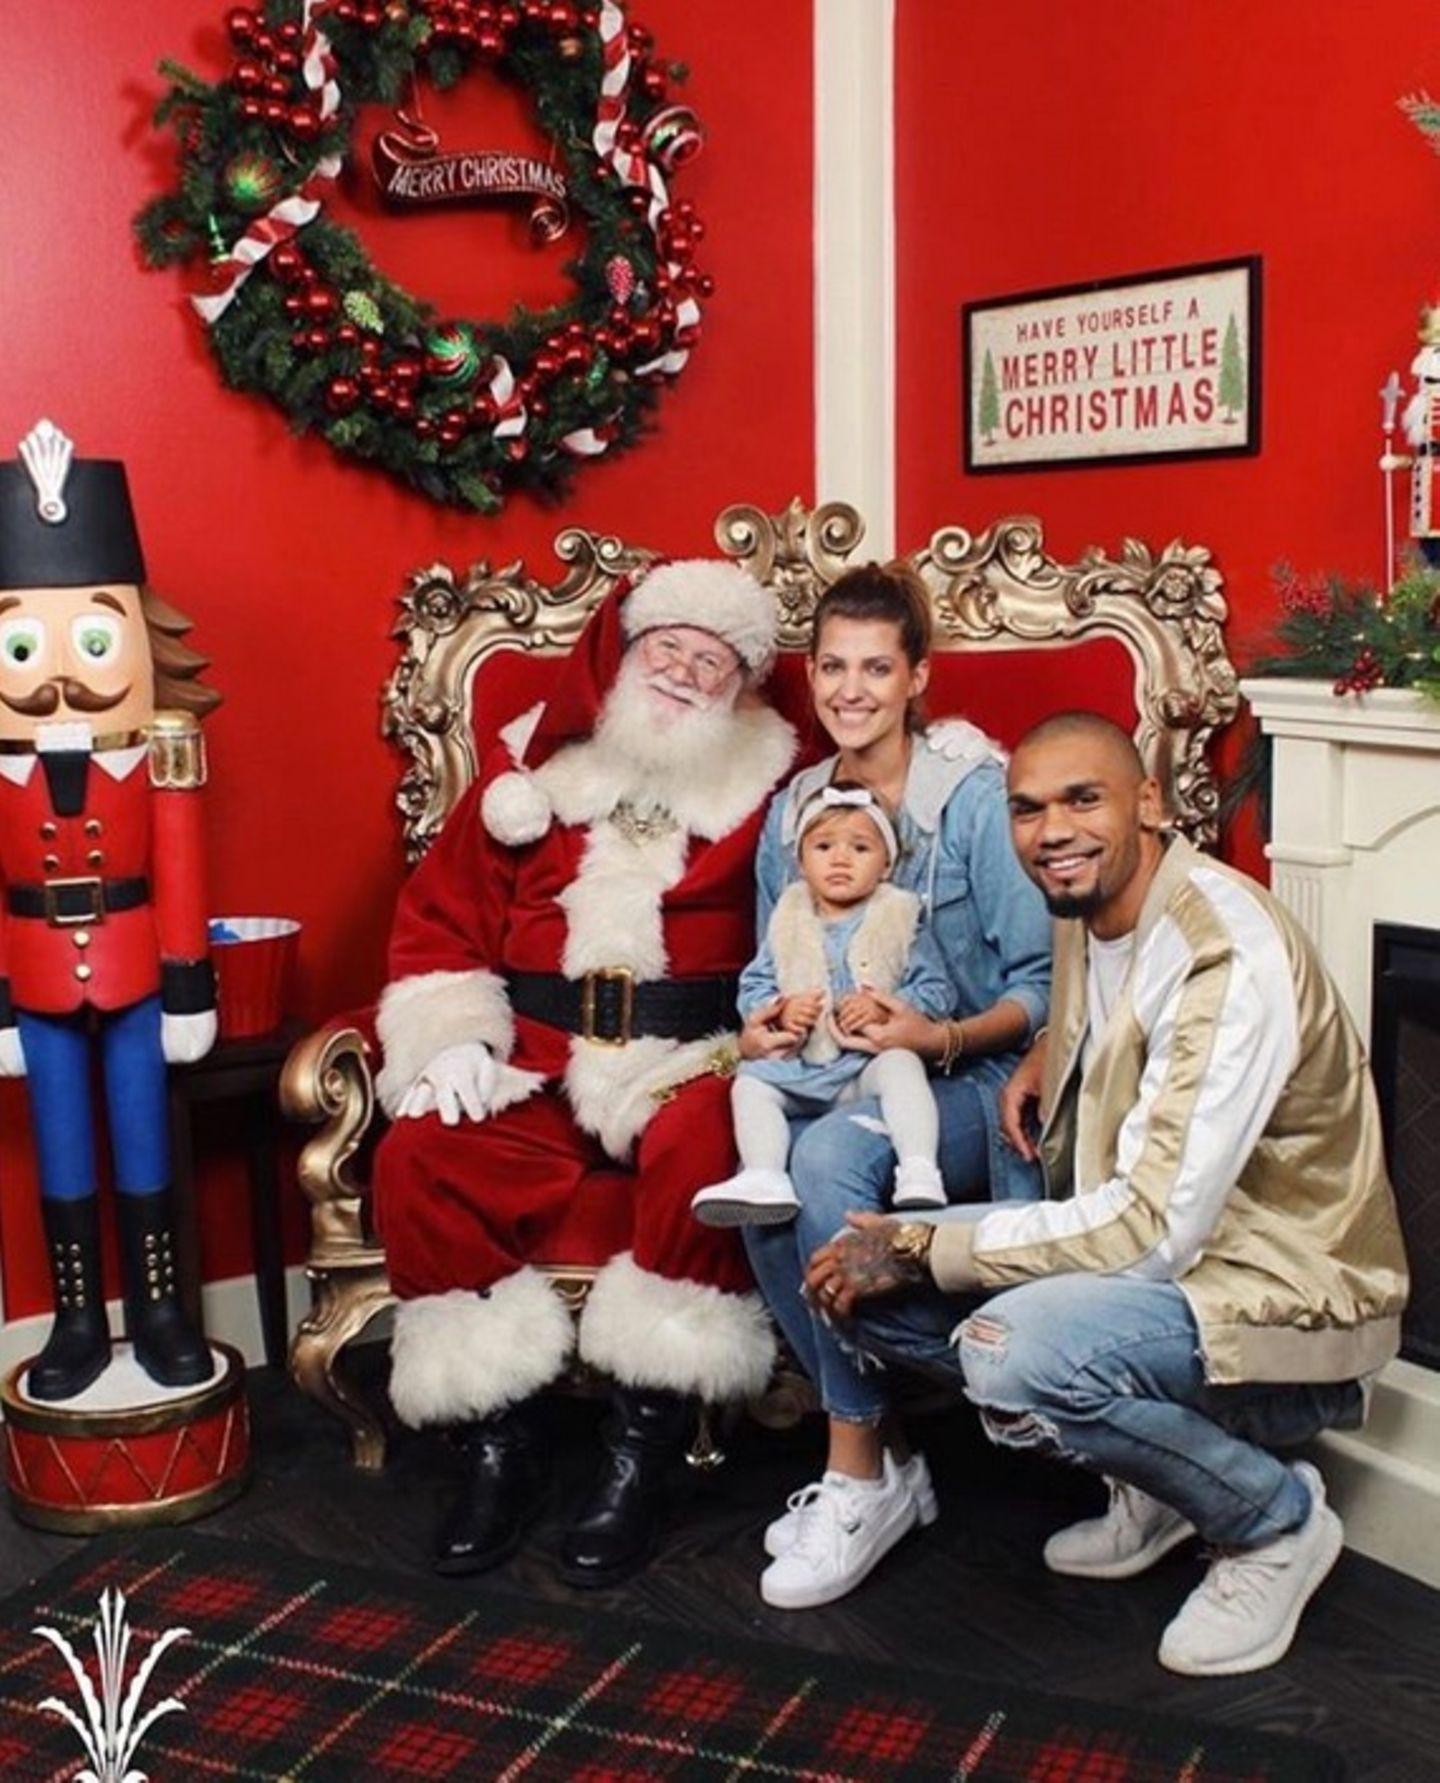 Der erste Besuch mit Mia Rose beim Weihnachtsmann läuft anders als erwartet. Die Kleine bricht auf dem Schoß von Santa in Tränen aus, so müssen Sarah und Dominic mit auf das Foto um ihre Tochter zu beruhigen.